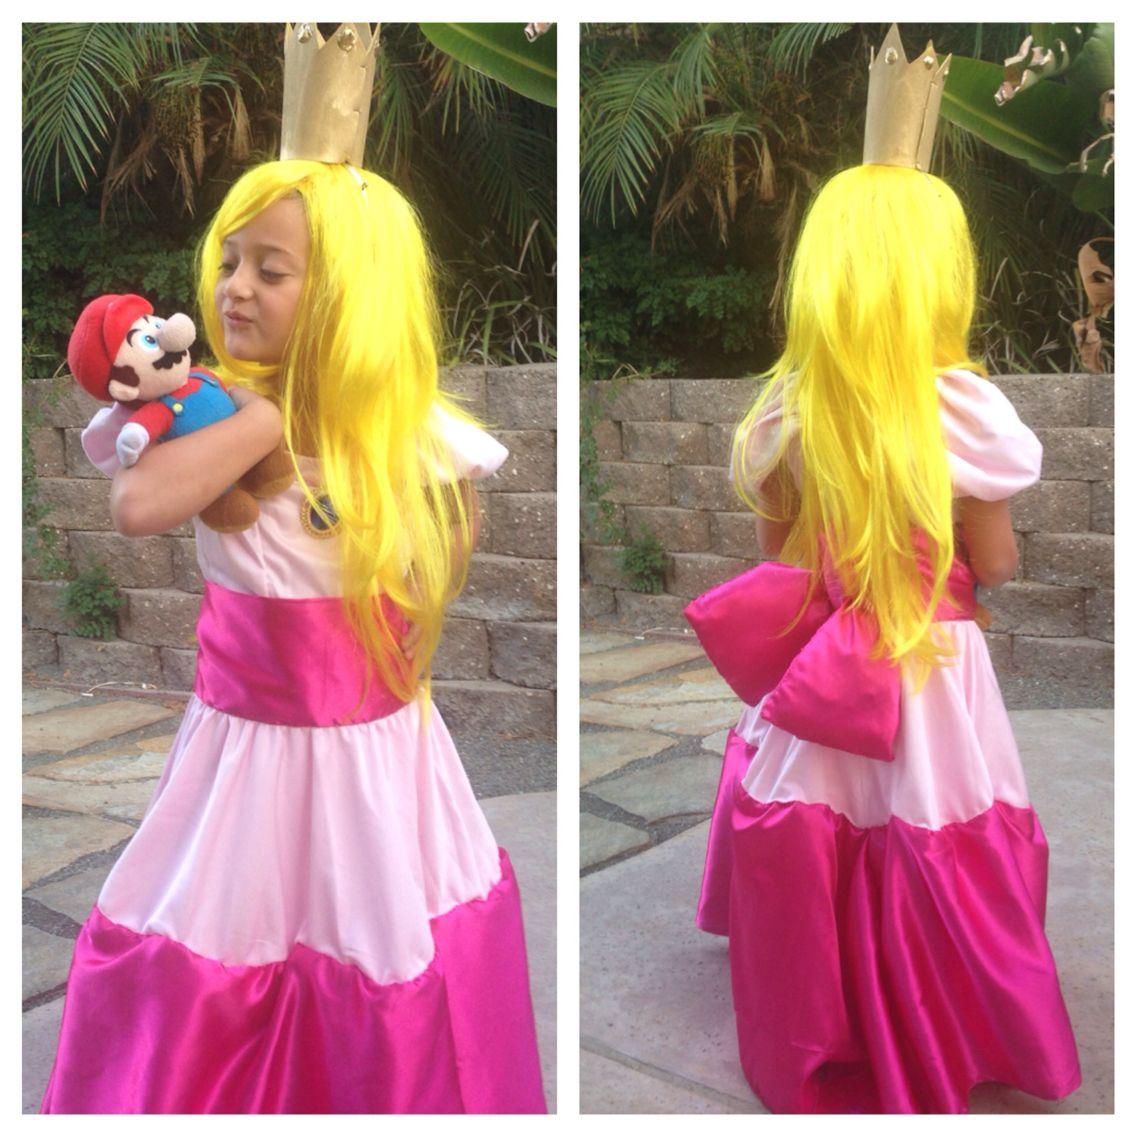 Princess Peach costume, Princess Peach cosplay, Mario and Luigi ...